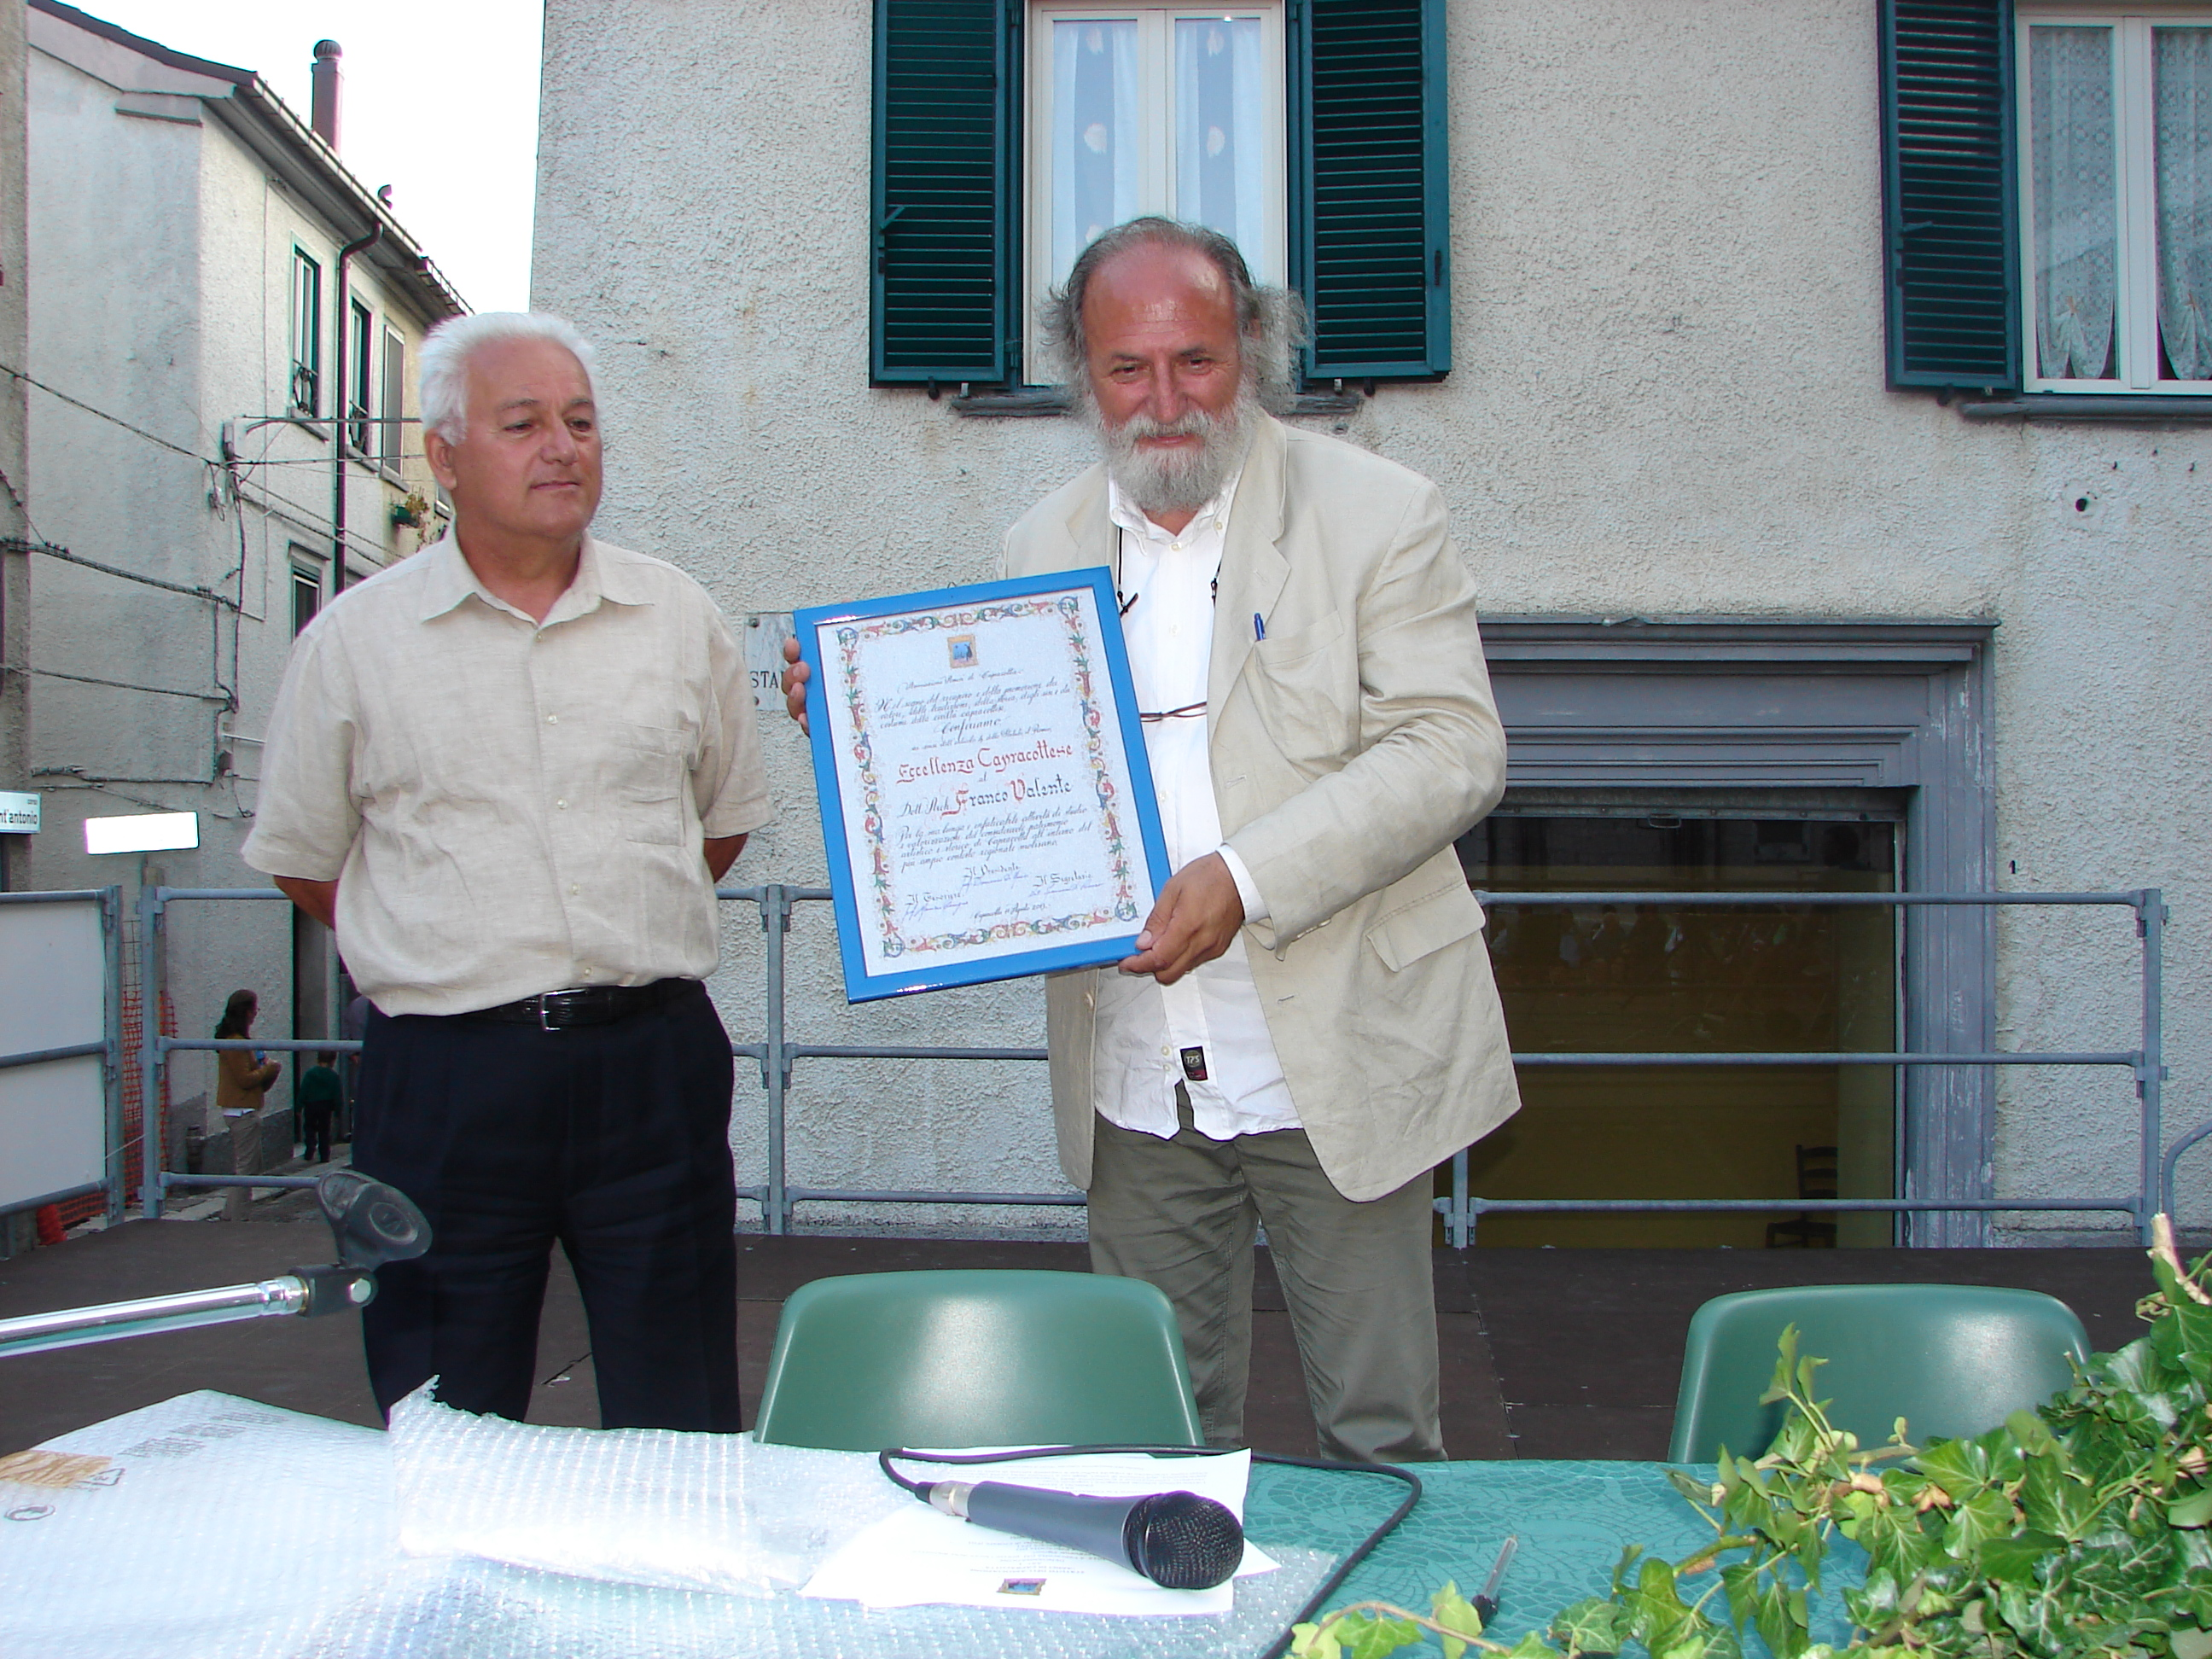 Franco Valente con la pergamena dell'Eccellenza Capracottese